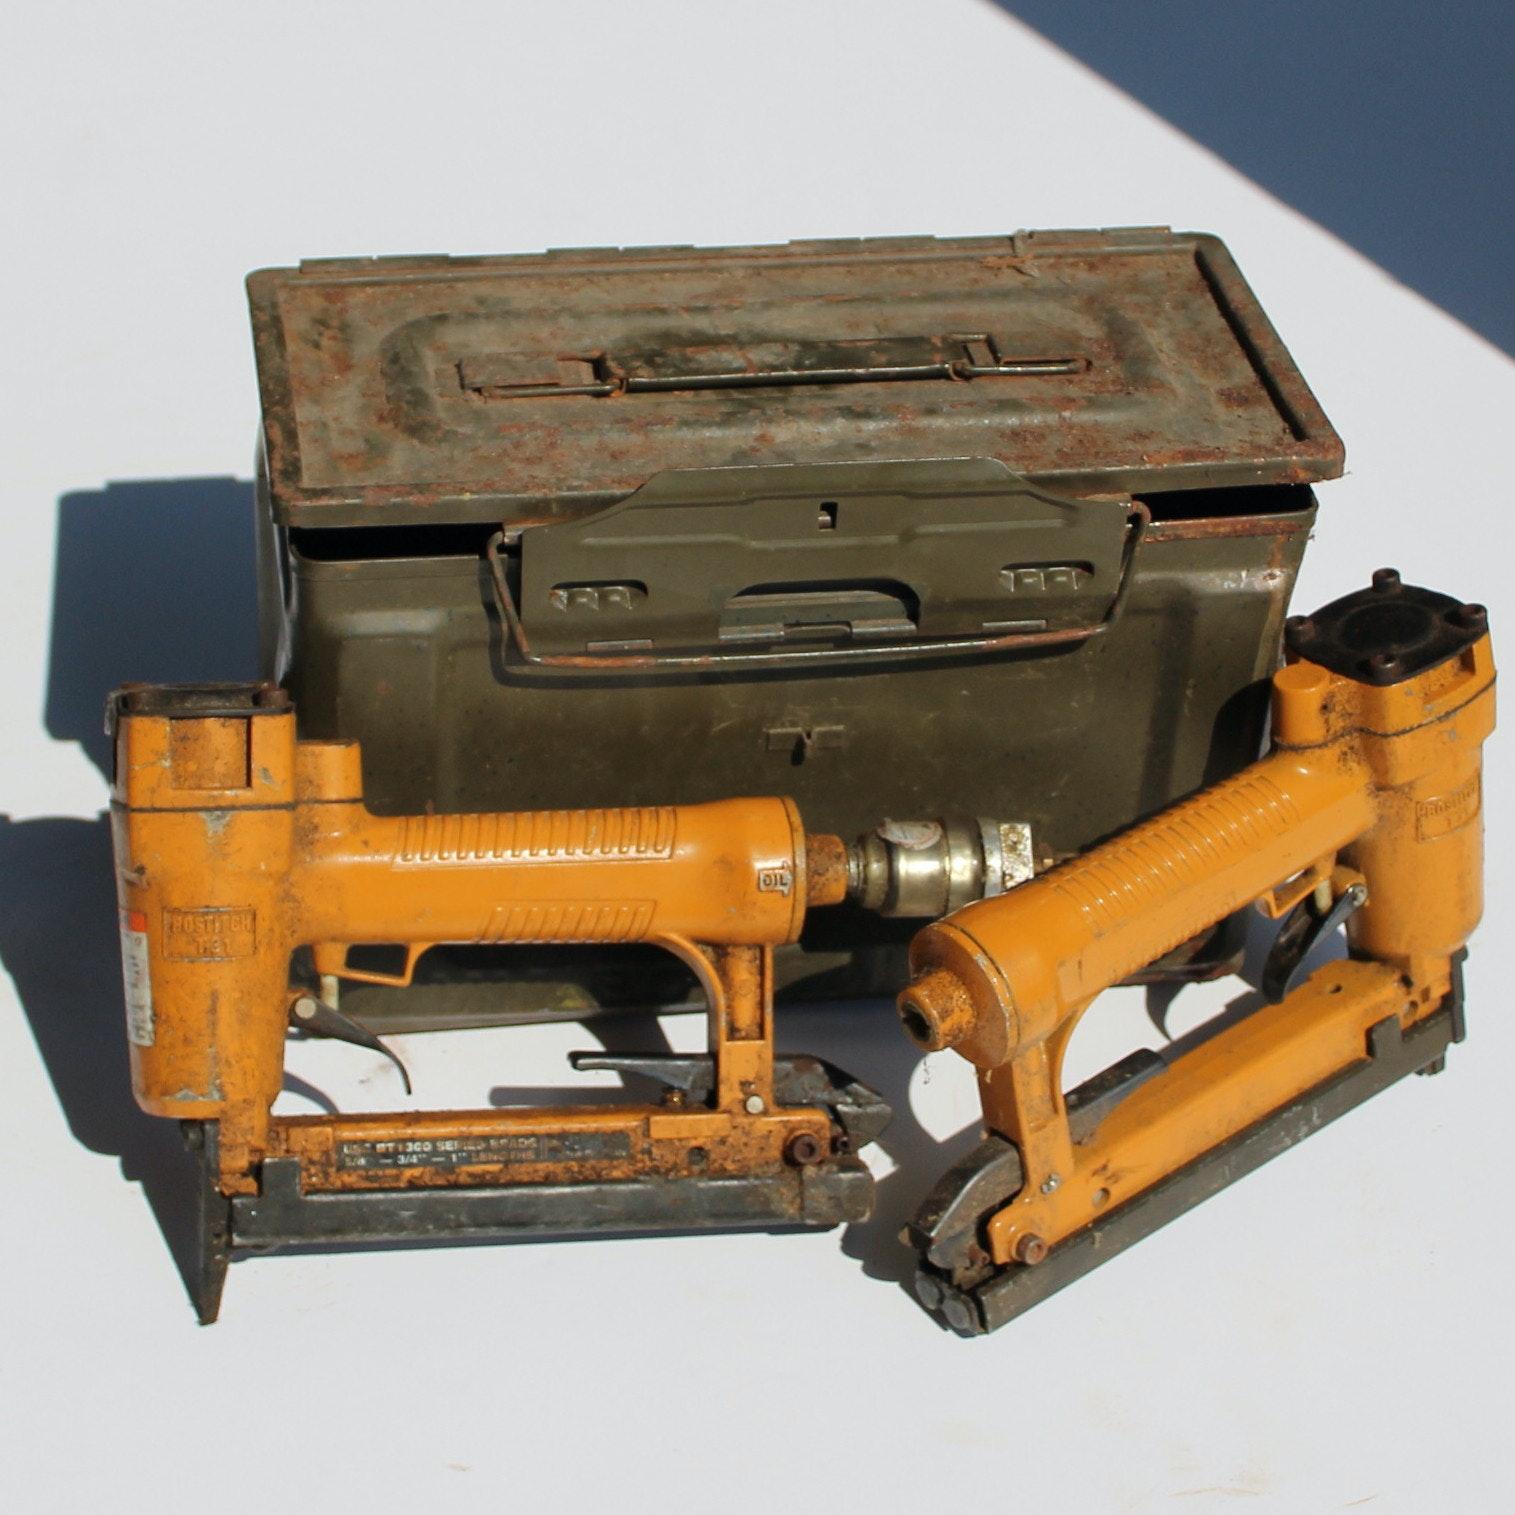 Bostich Pneumatic Staple Gun and Brad Gun in Case